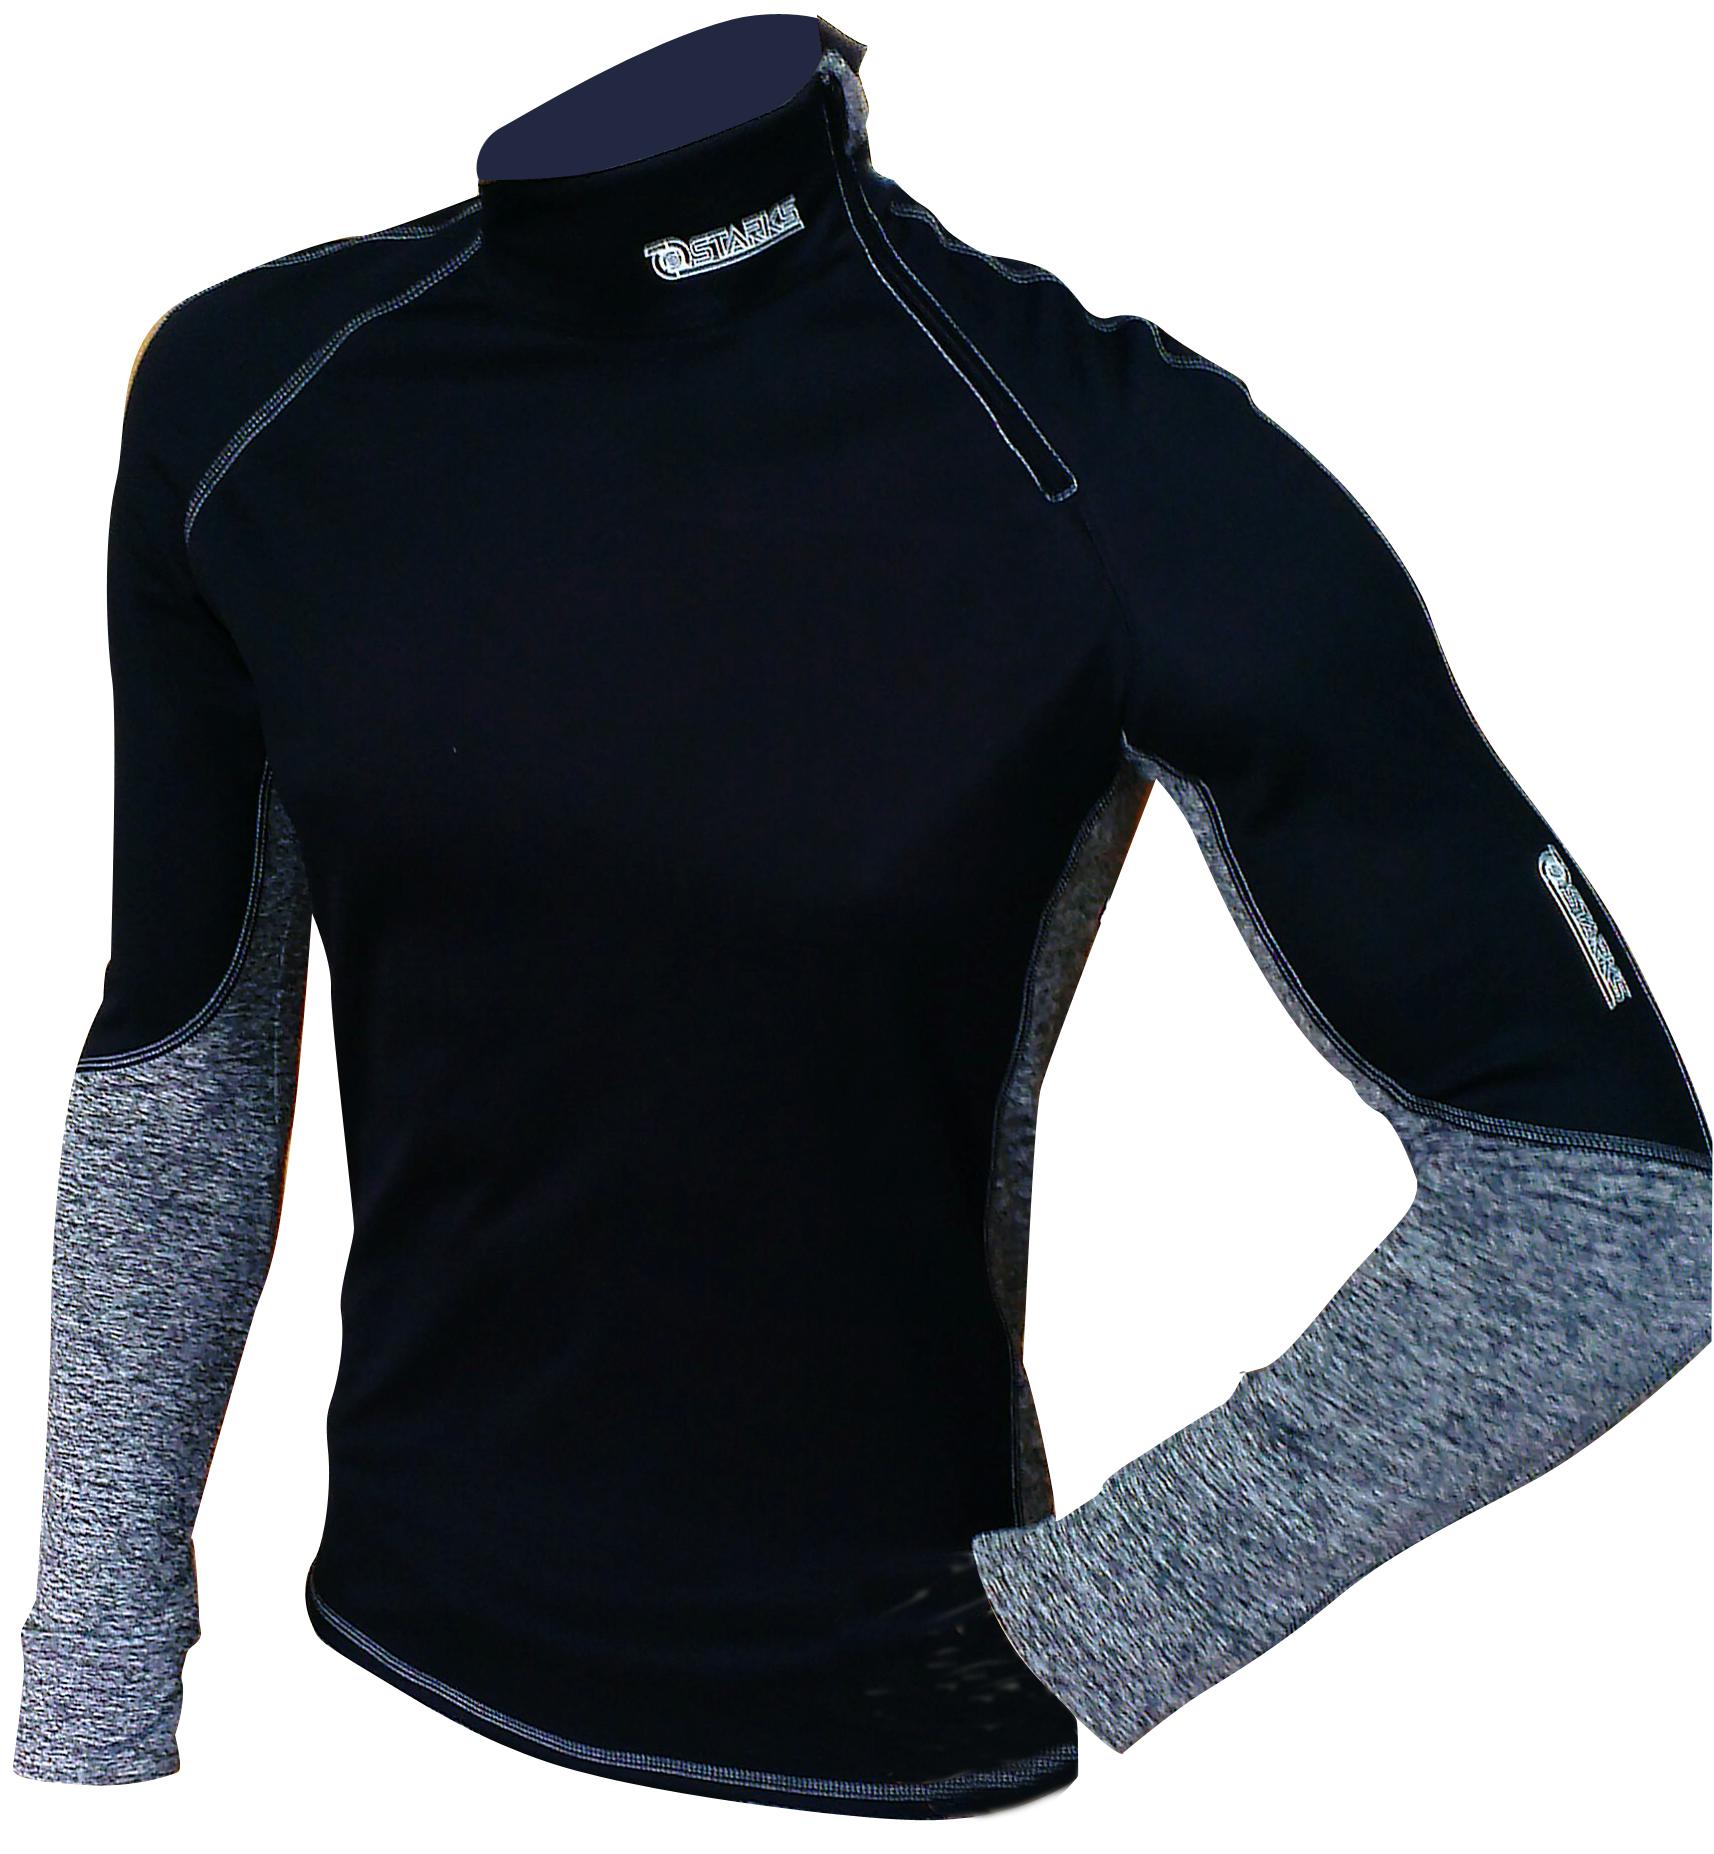 Термобелье кофта Starks Warm Extreme, зимняя, цвет: черный. Размер XLЛЦ0024_XLвысокотехнологичное термобелье, гарантированно на 100% не пропускает ветер, хорошо тянется и выпускает влагу наружу. Белье рекомендуется для использования не только спортсменам зимних видов спорта, но и парашютистам, мотоциклистам, велосипедистам -всем кто испытывает дискомфорт при сильном ветре, повышенной влажности. Анатомическое, выполнено из Европейской сертифицированной ткани Polarstretchи Windstopper. Высокие эластичные свойства материала позволяют белью максимально повторять индивидуальную анатомию тела. Отличные влагоотводящиесвойства, позволяют телу оставаться сухим. Термоизоляционные свойства, позволяют исключить переохлаждение или перегрев. Воротник стойка обеспечивает защиту шеи от холода. Молния -легкое одевание кофты. Особенности: STOP BACTERIA-Ткань с ионами серебра, предотвращает образование и развитие бактерий. Исключено образование запаха. Защита от перегрева или переохлаждения Система мягких и плоских швов Гипоаллергенно Состав:...